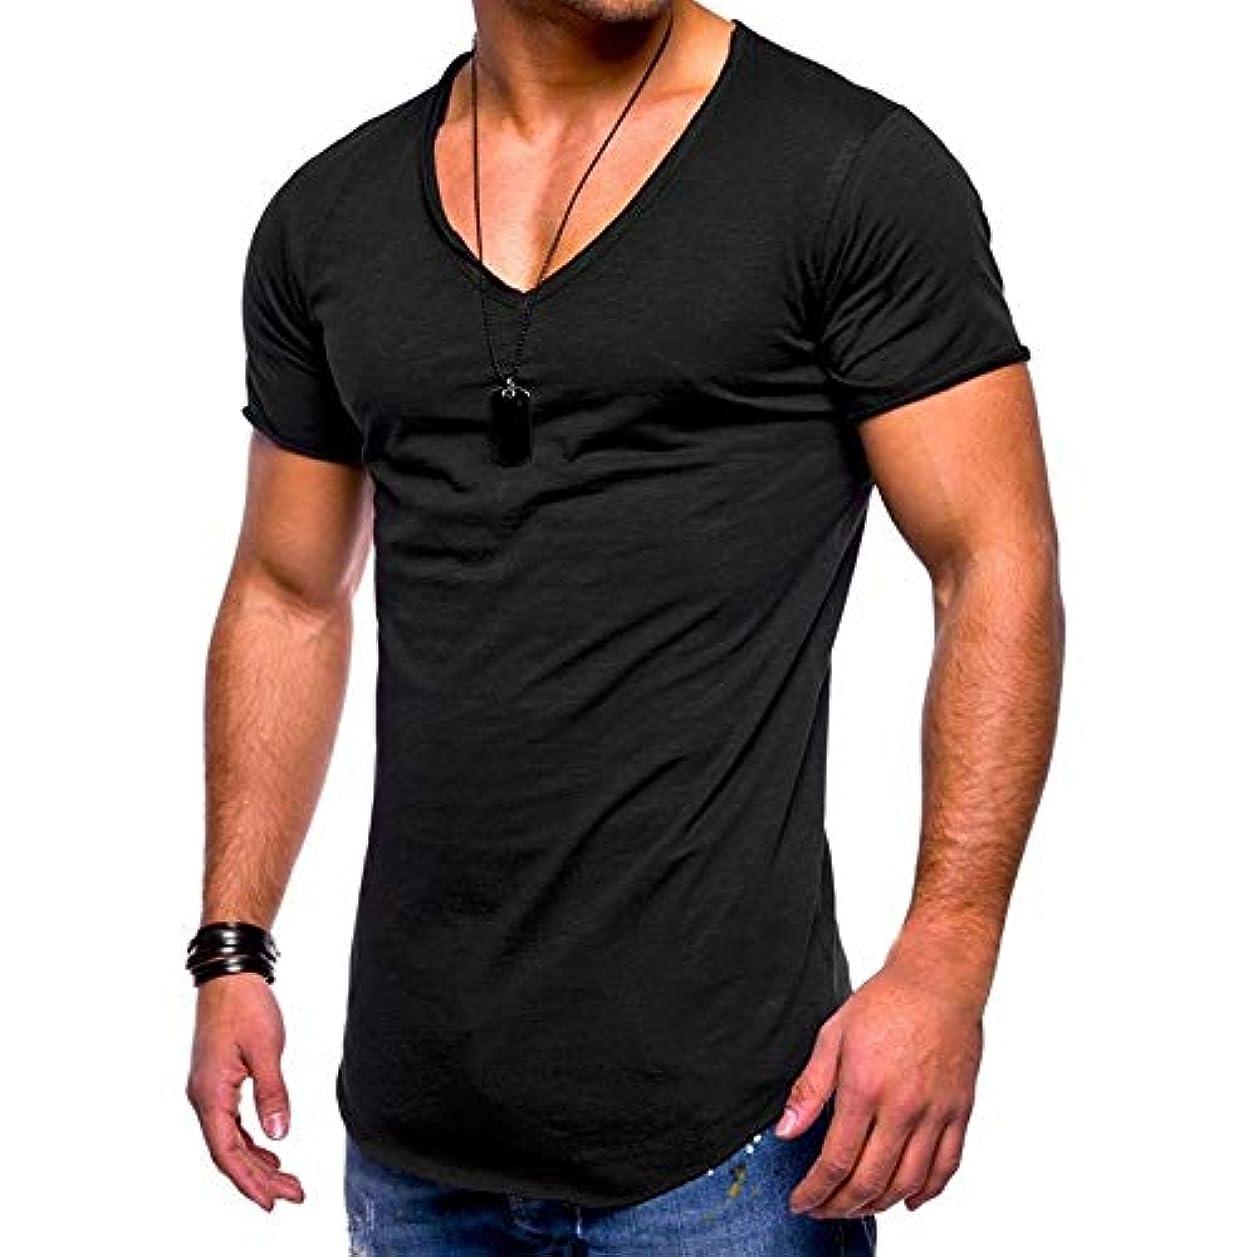 公平なまっすぐにする抑制MIFAN メンズTシャツ、カジュアルシャツ、半袖、コットンTシャツ、Vネックシャツ、スリムTシャツ、トップス&Tシャツ、メンズトップス